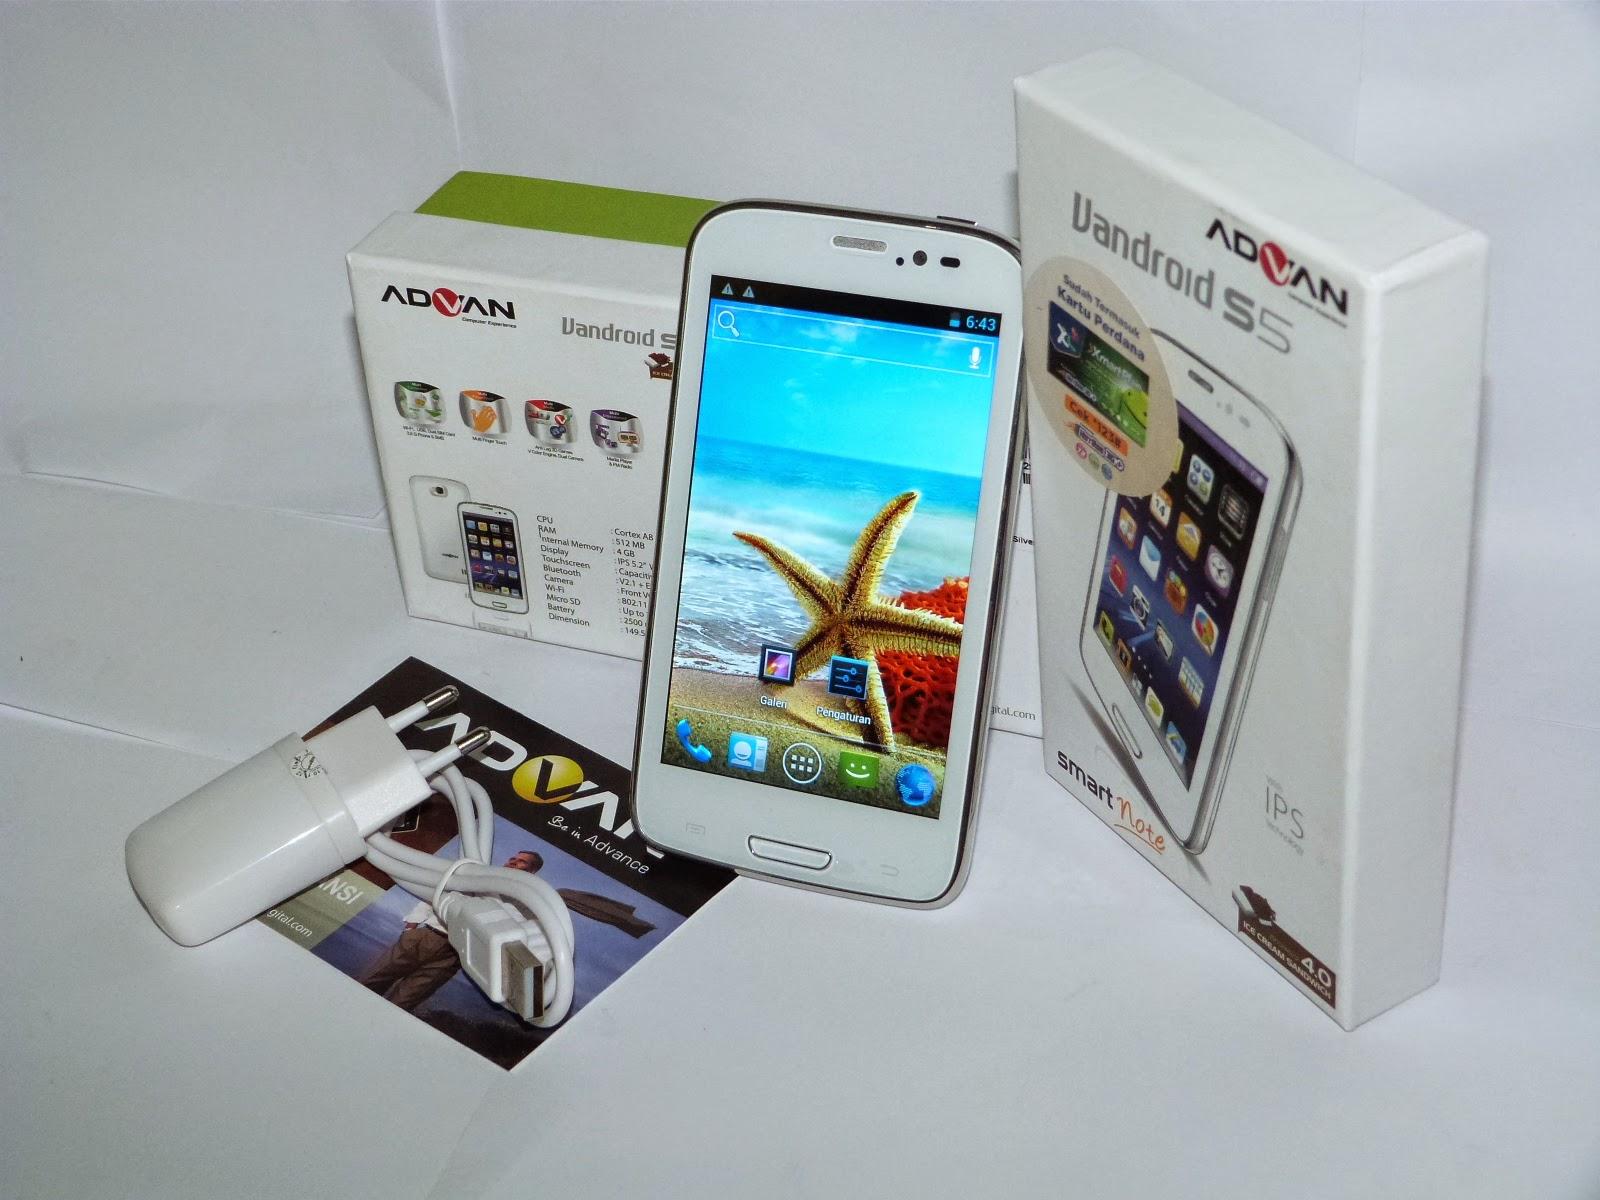 Hp Android Murah Berkualitas Advan Vandroid S5 Gambar Isi Kotak